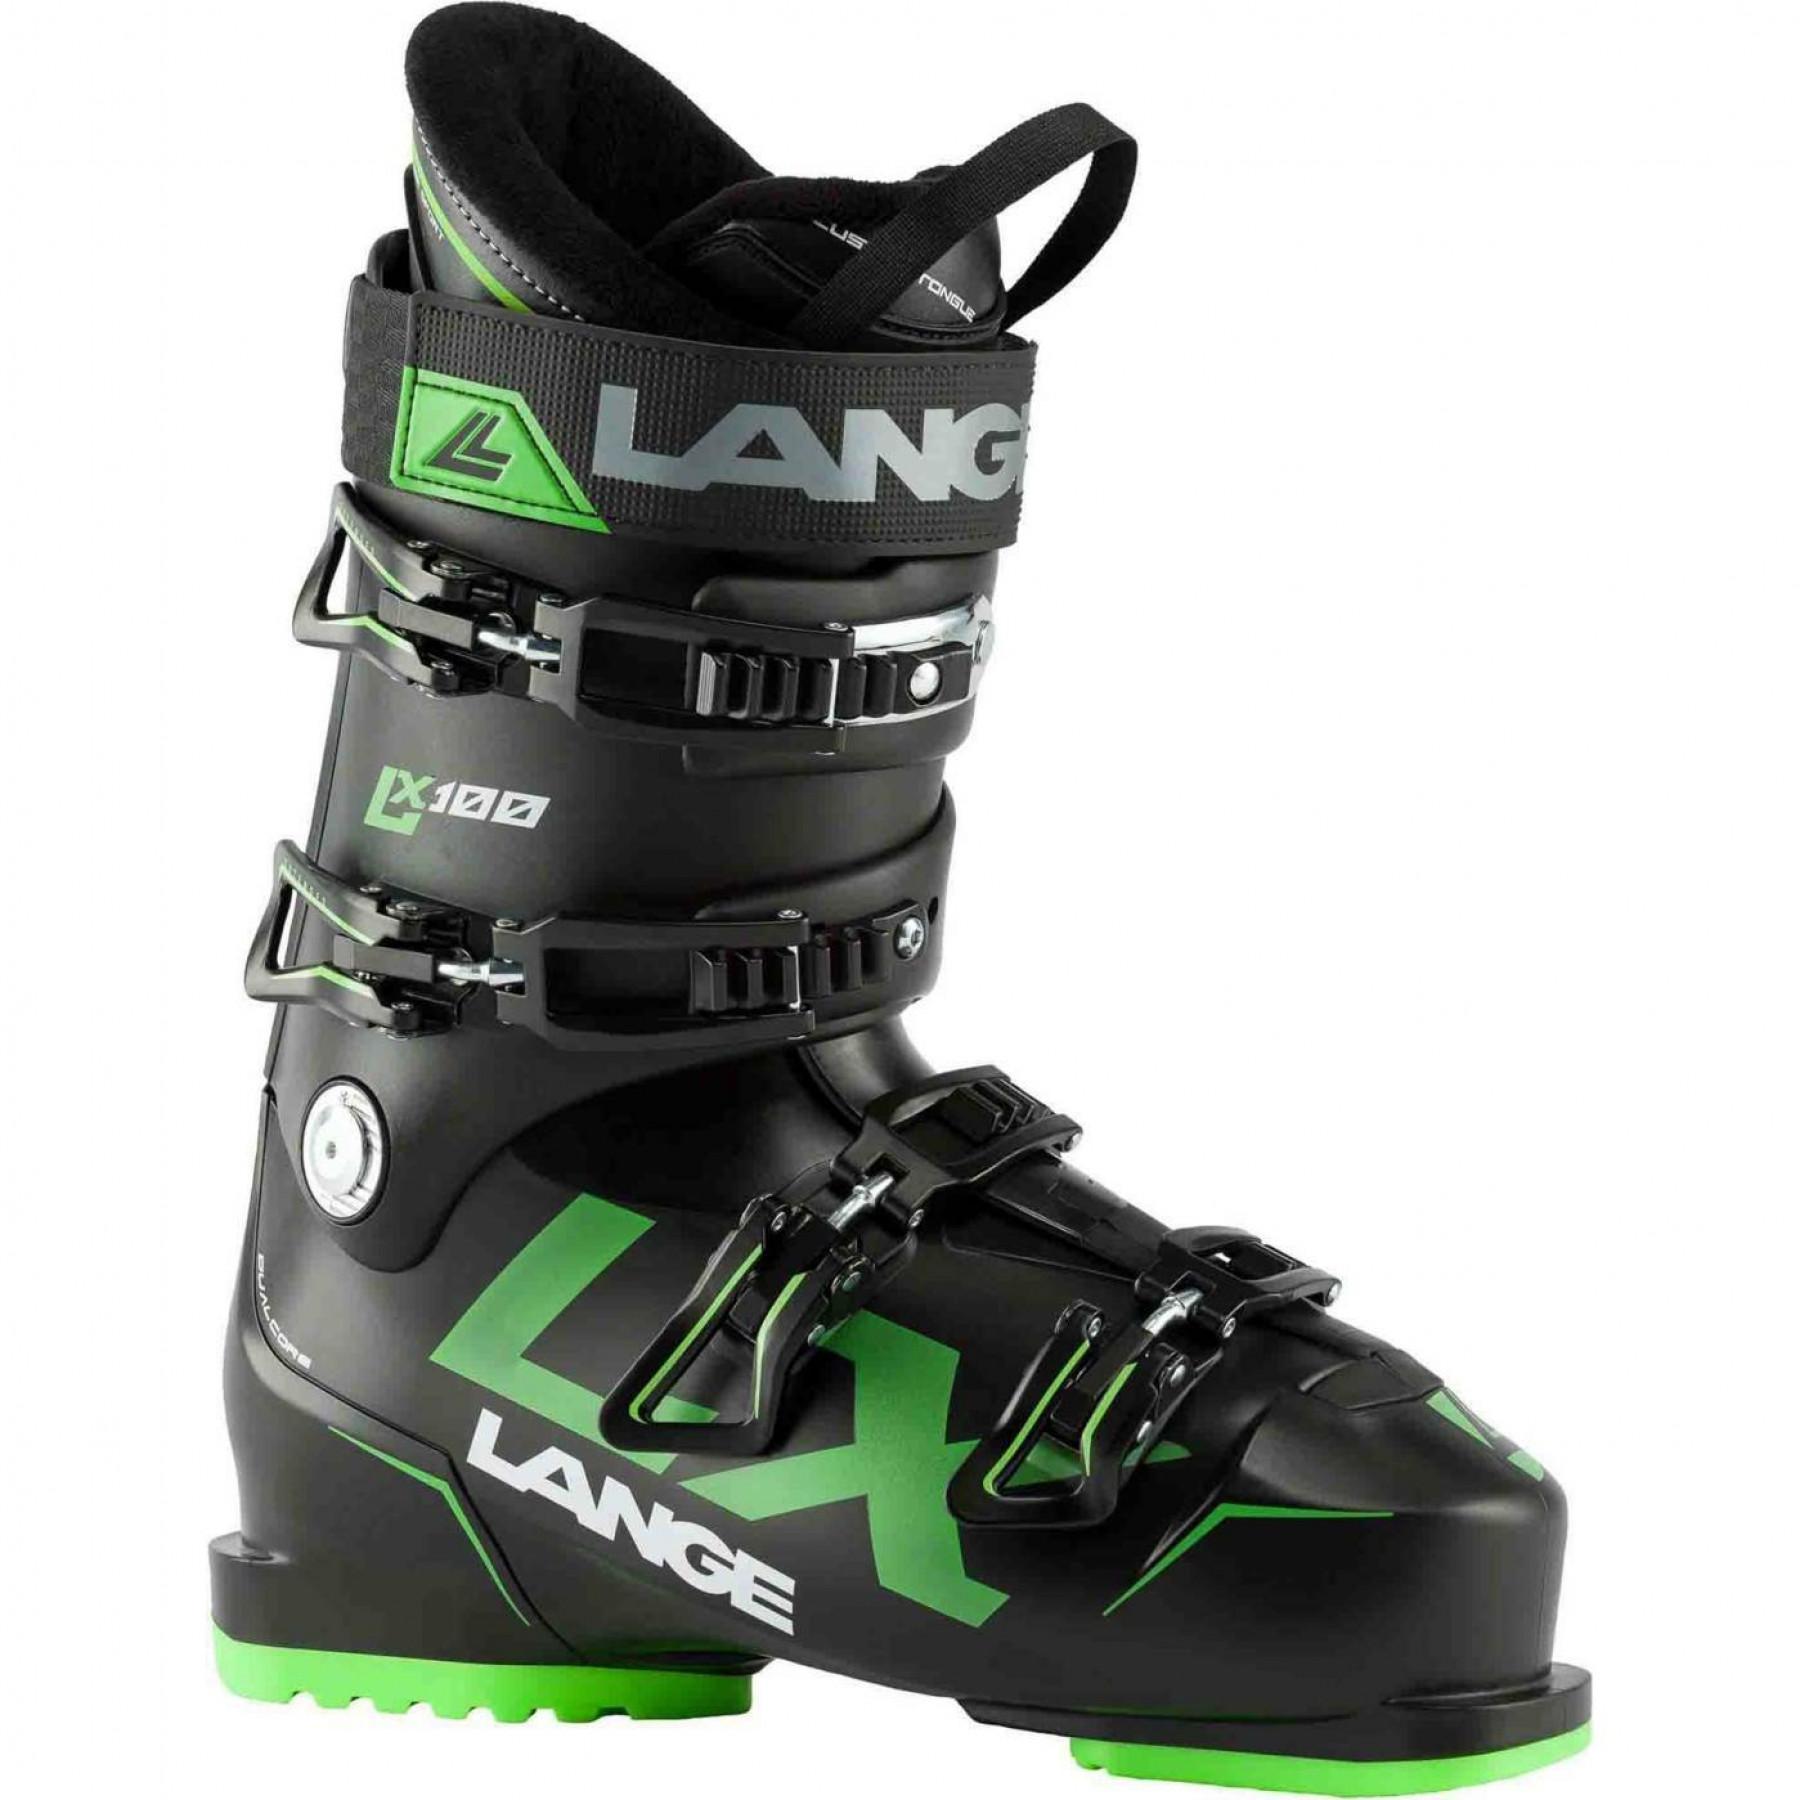 Dynastar LX 100 ski boots